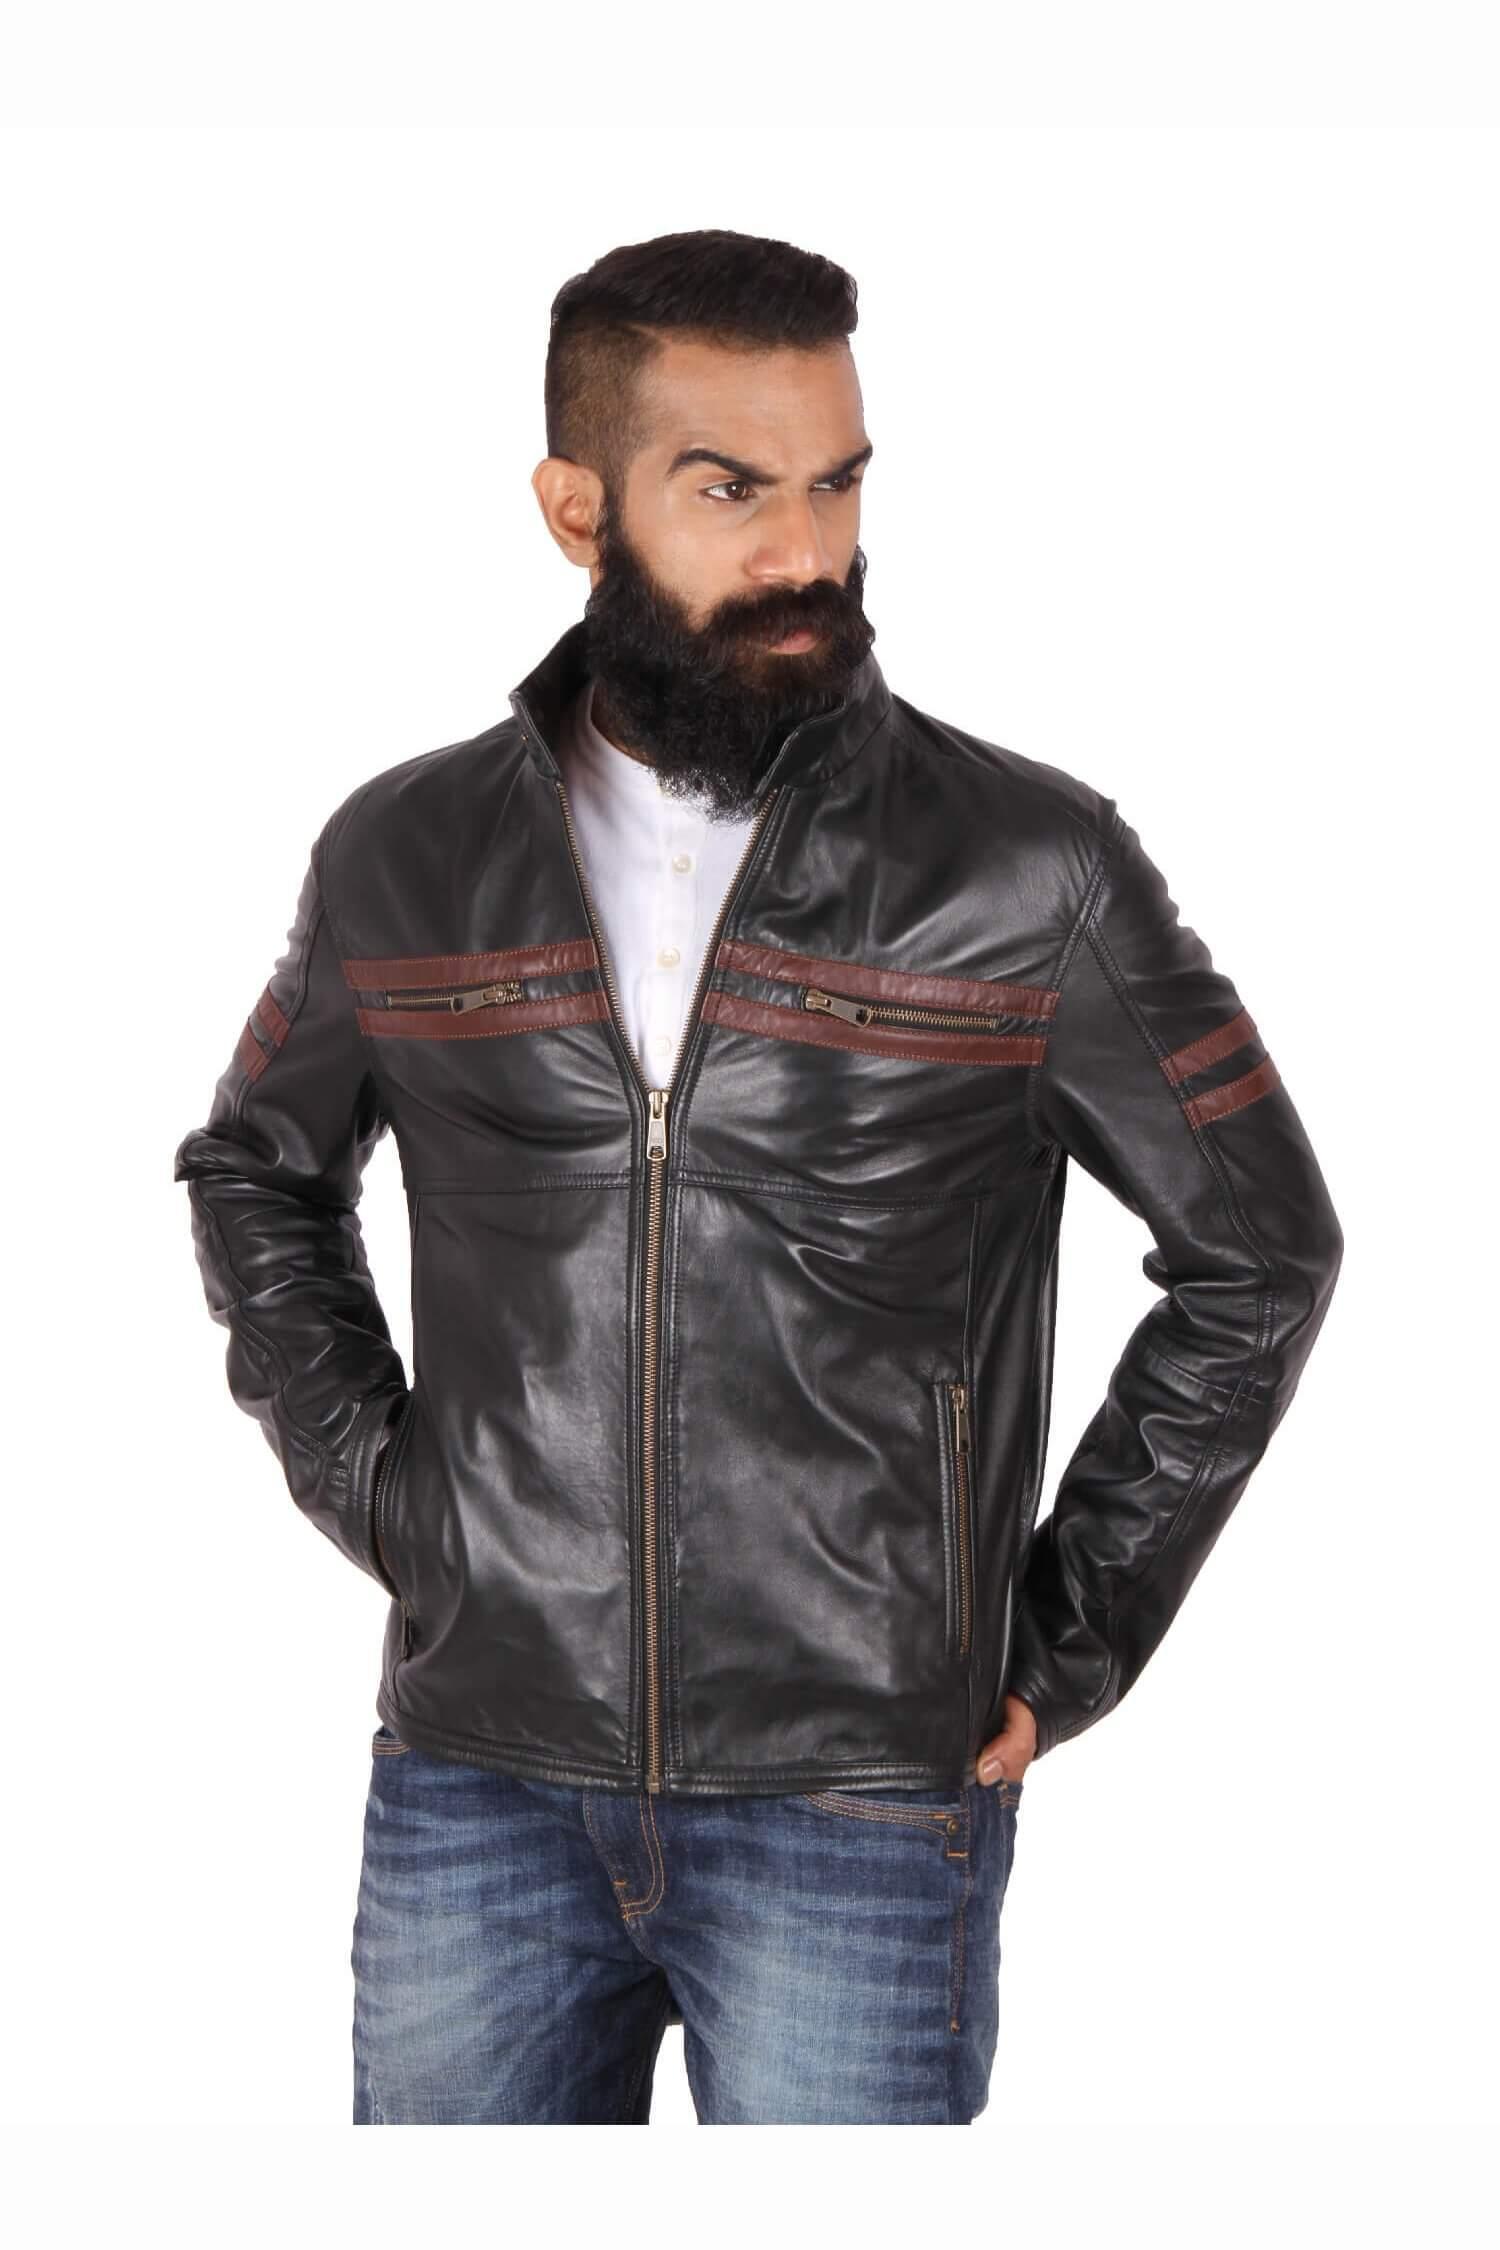 Leather jacket india - Stylish Motorcycle Jacket